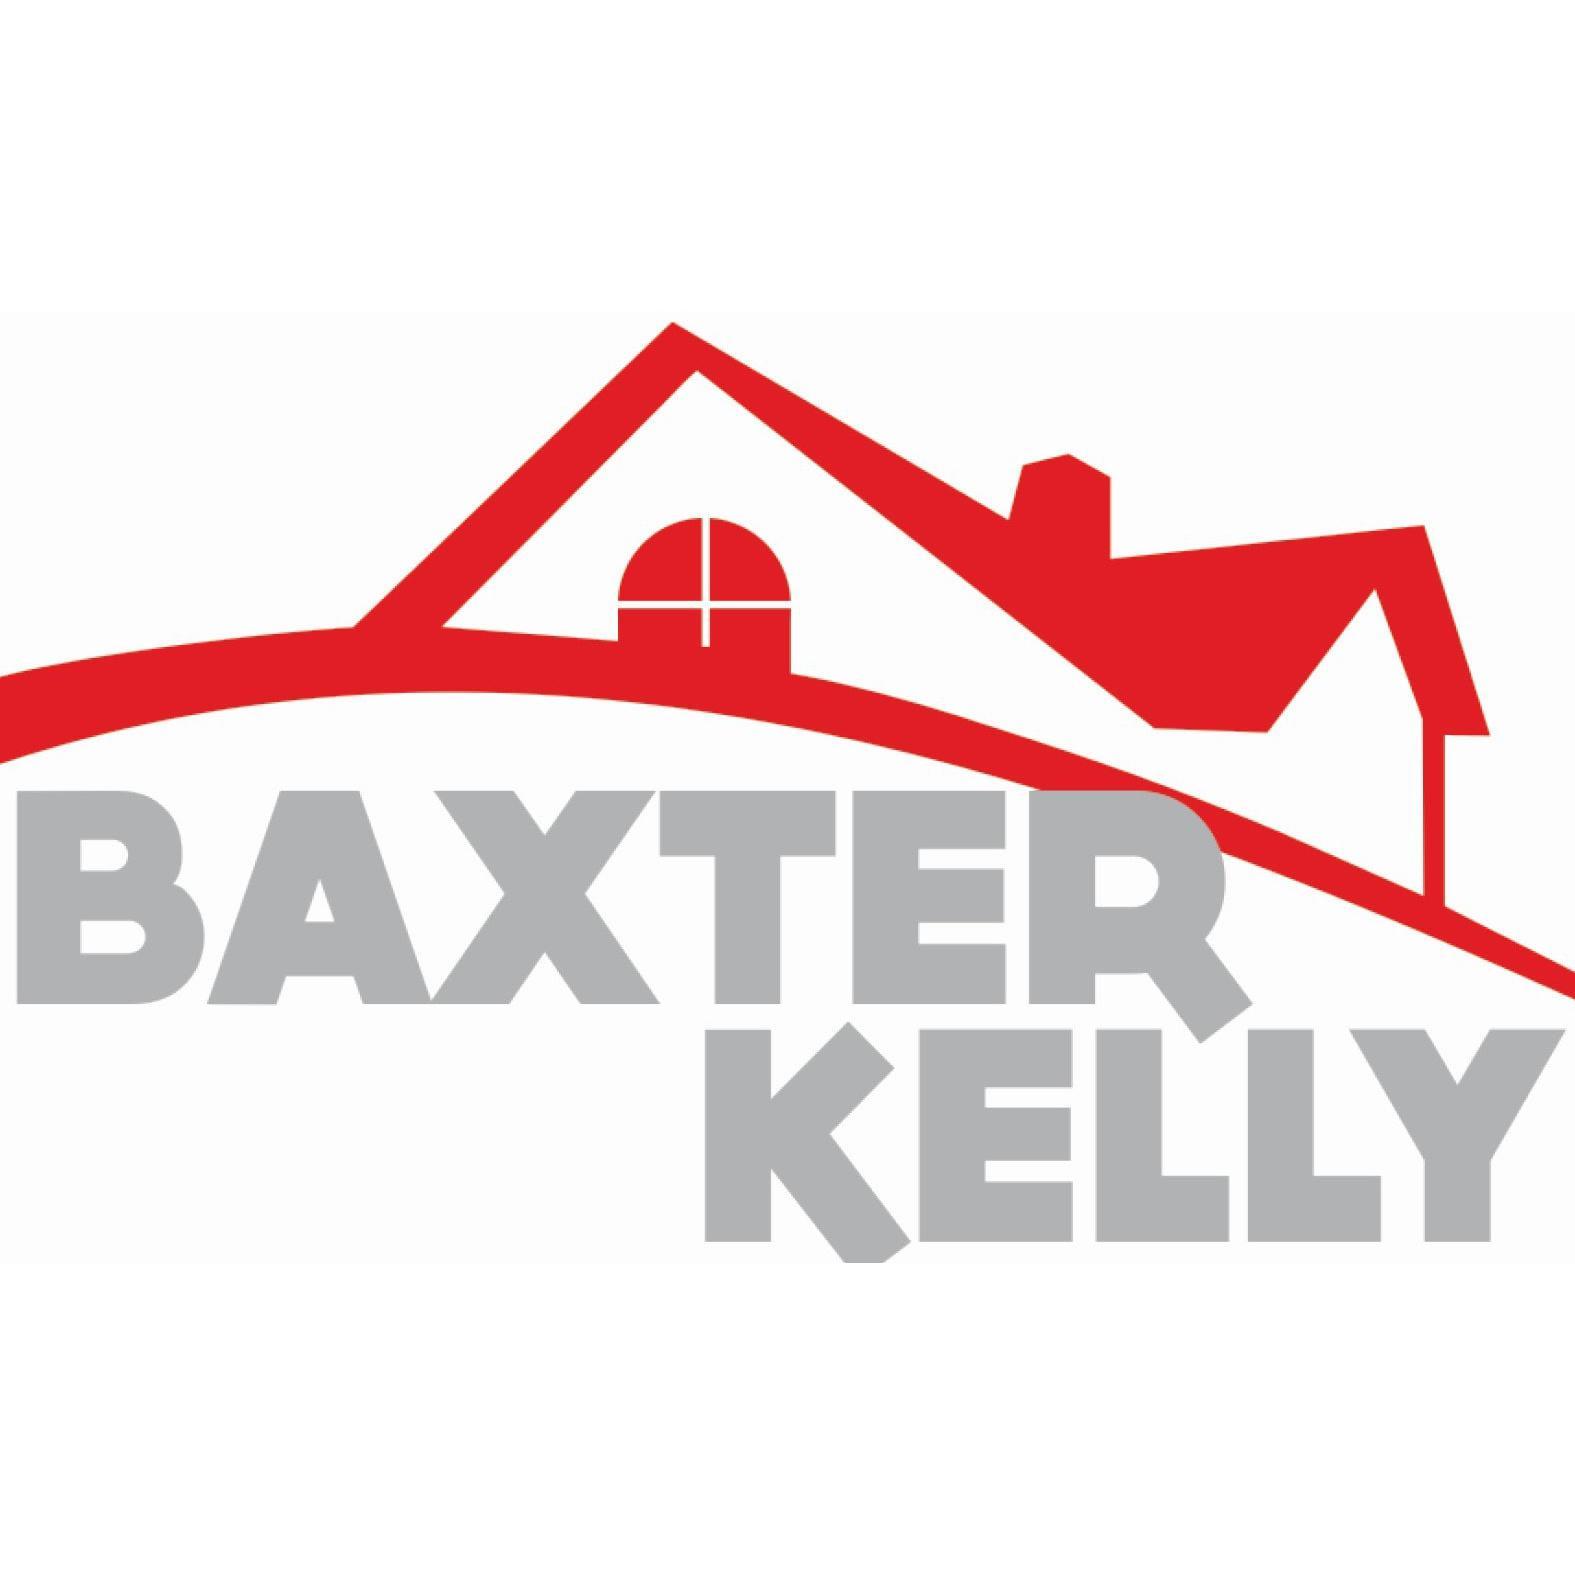 Baxter Kelly